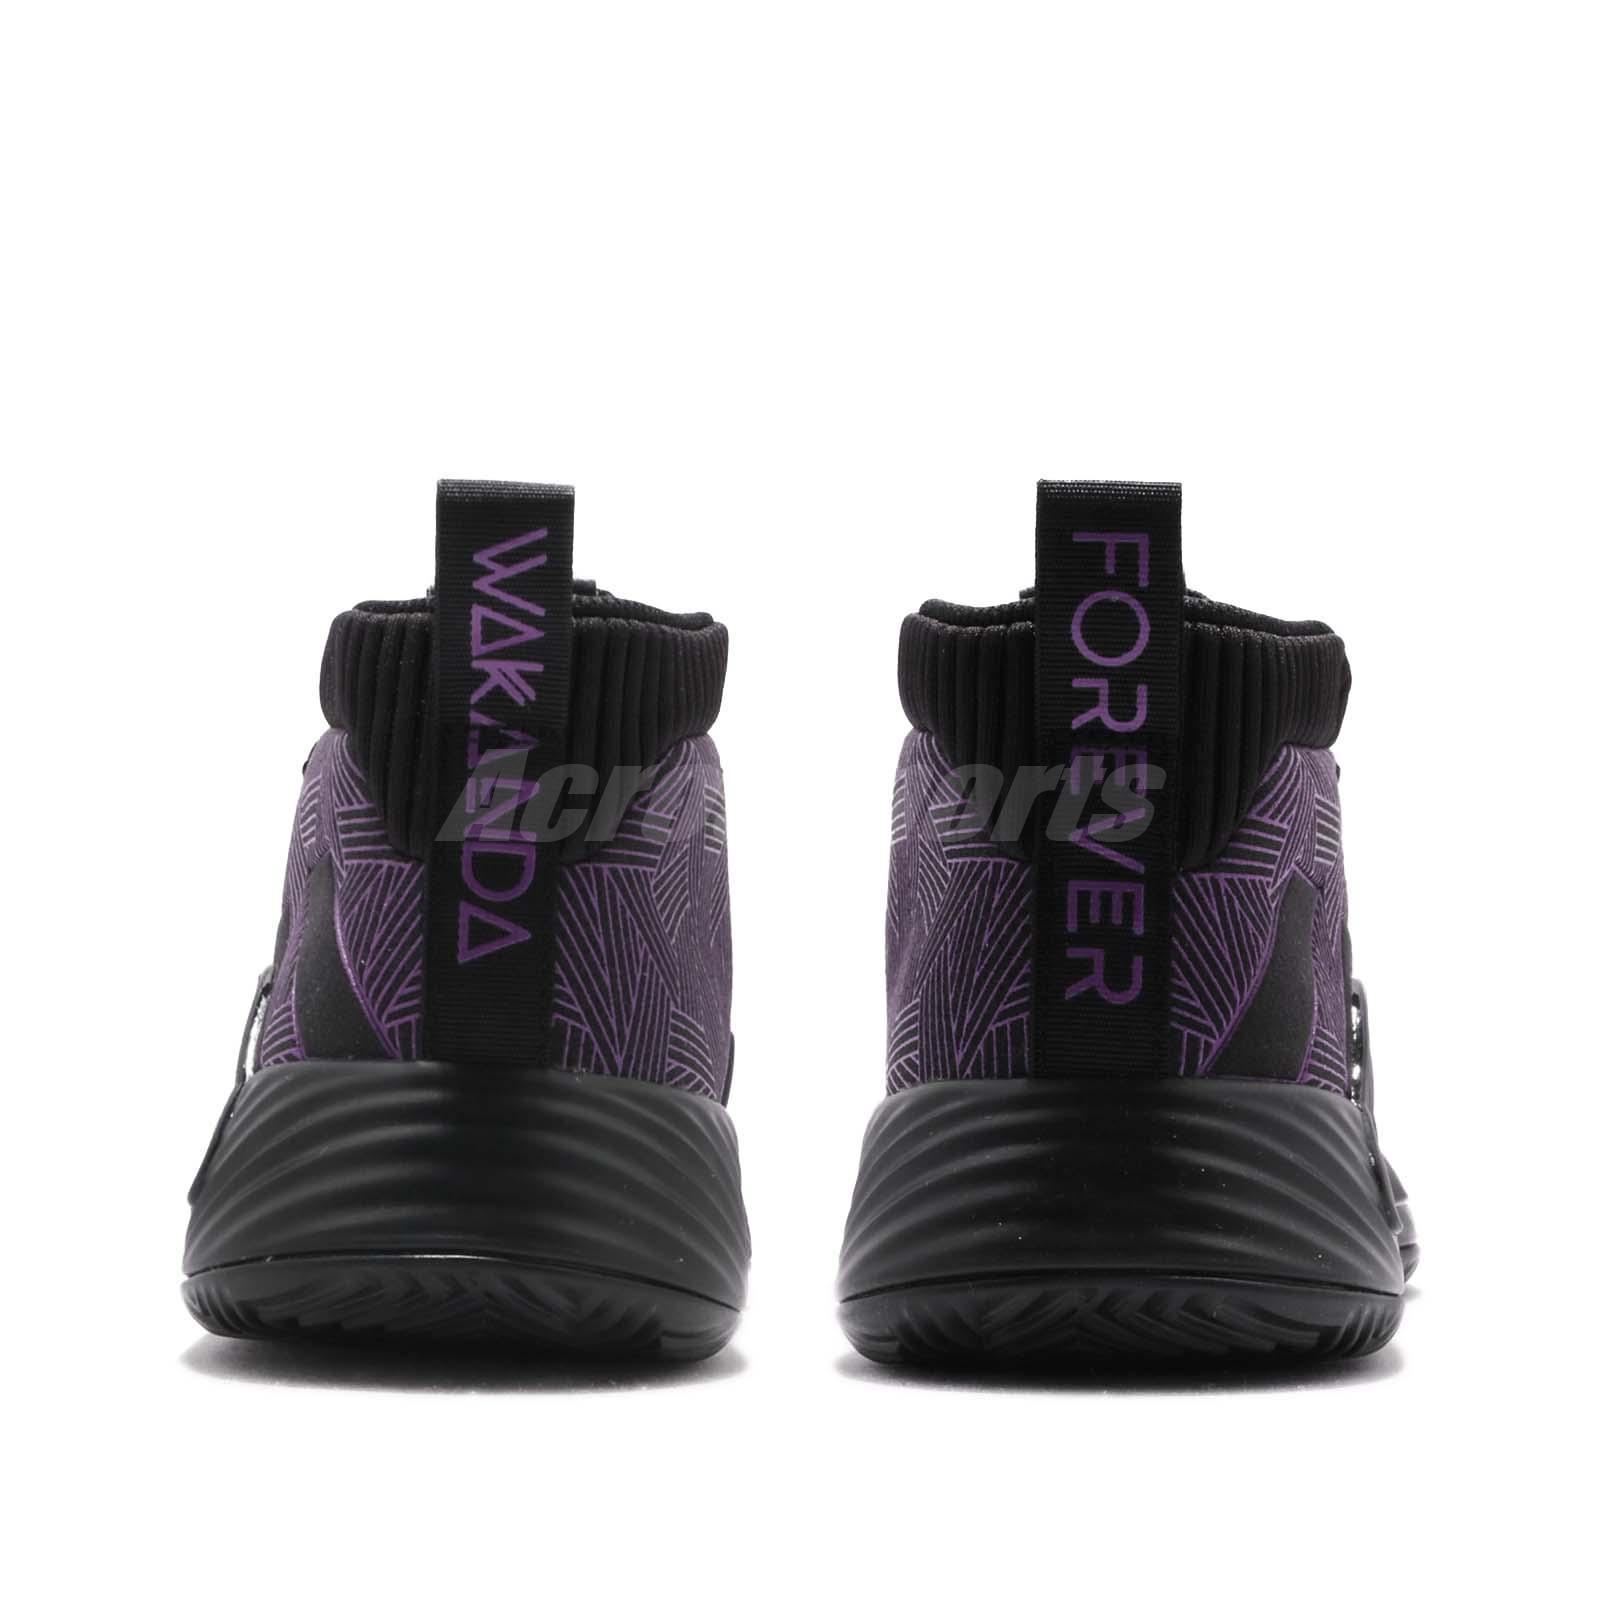 Adidas Dame 5 Black Panther, Men's Fashion, Footwear